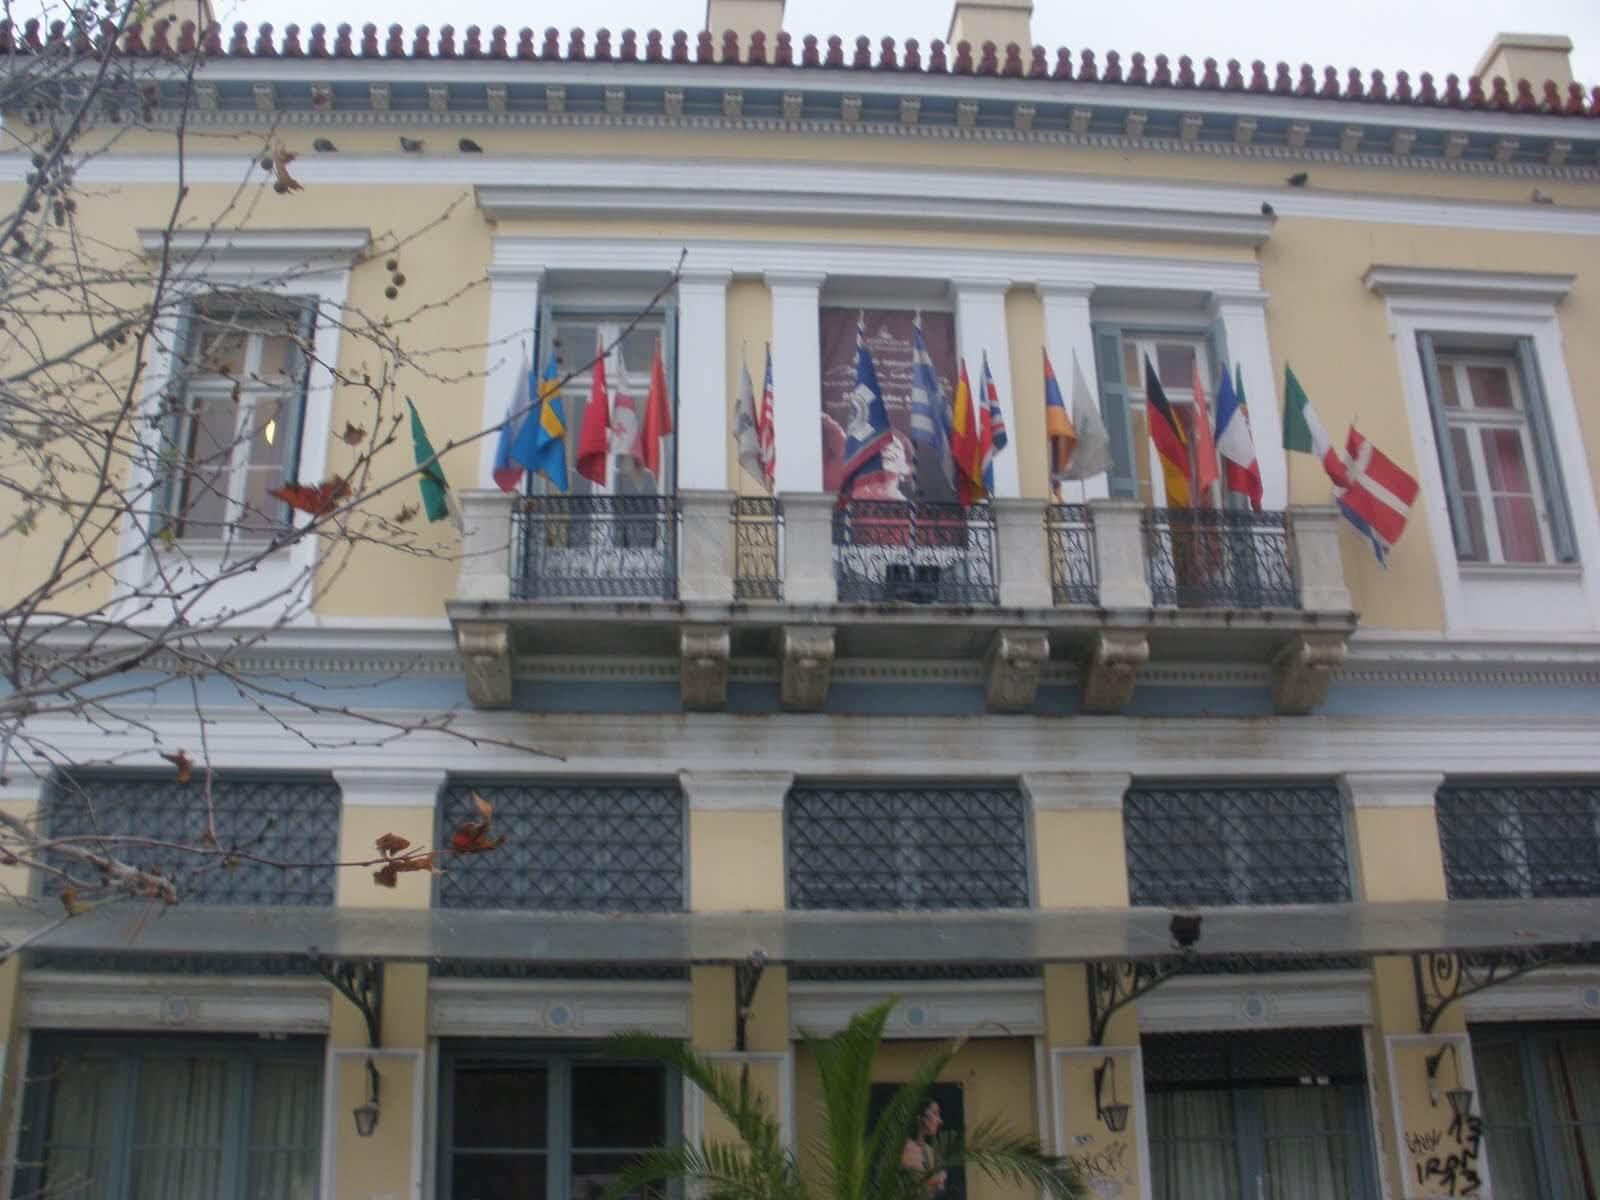 Έκτακτη ενίσχυση για την επαναλειτουργία του Διεθνούς Καλλιτεχνικού Κέντρου Athenaeum